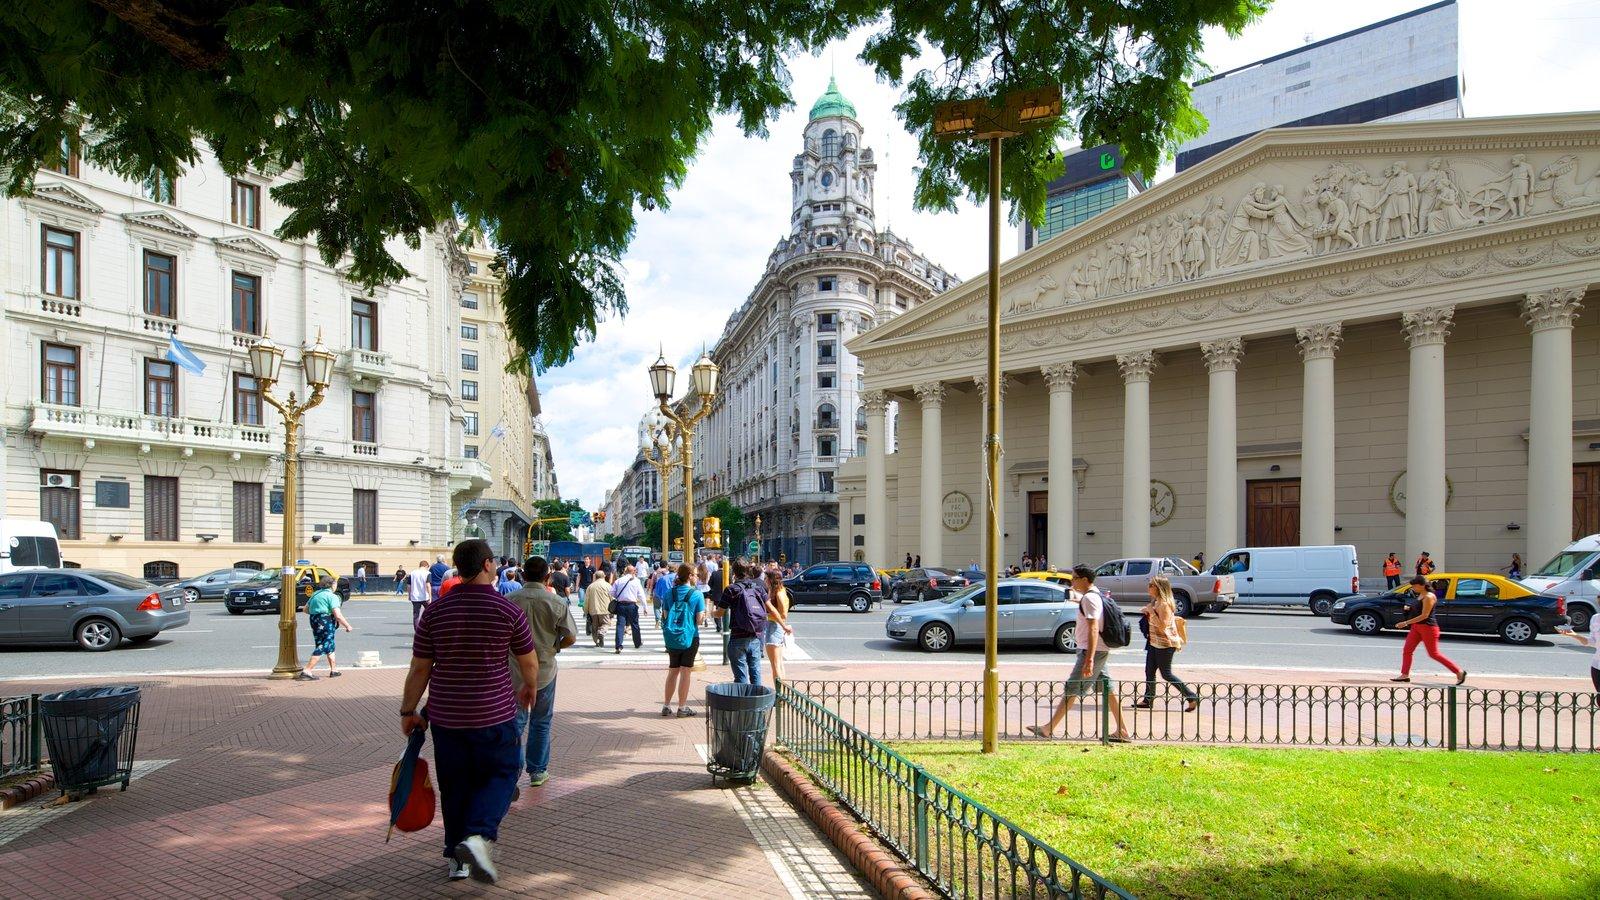 Catedral Metropolitana de Buenos Aires que inclui arquitetura de patrimônio assim como um grande grupo de pessoas